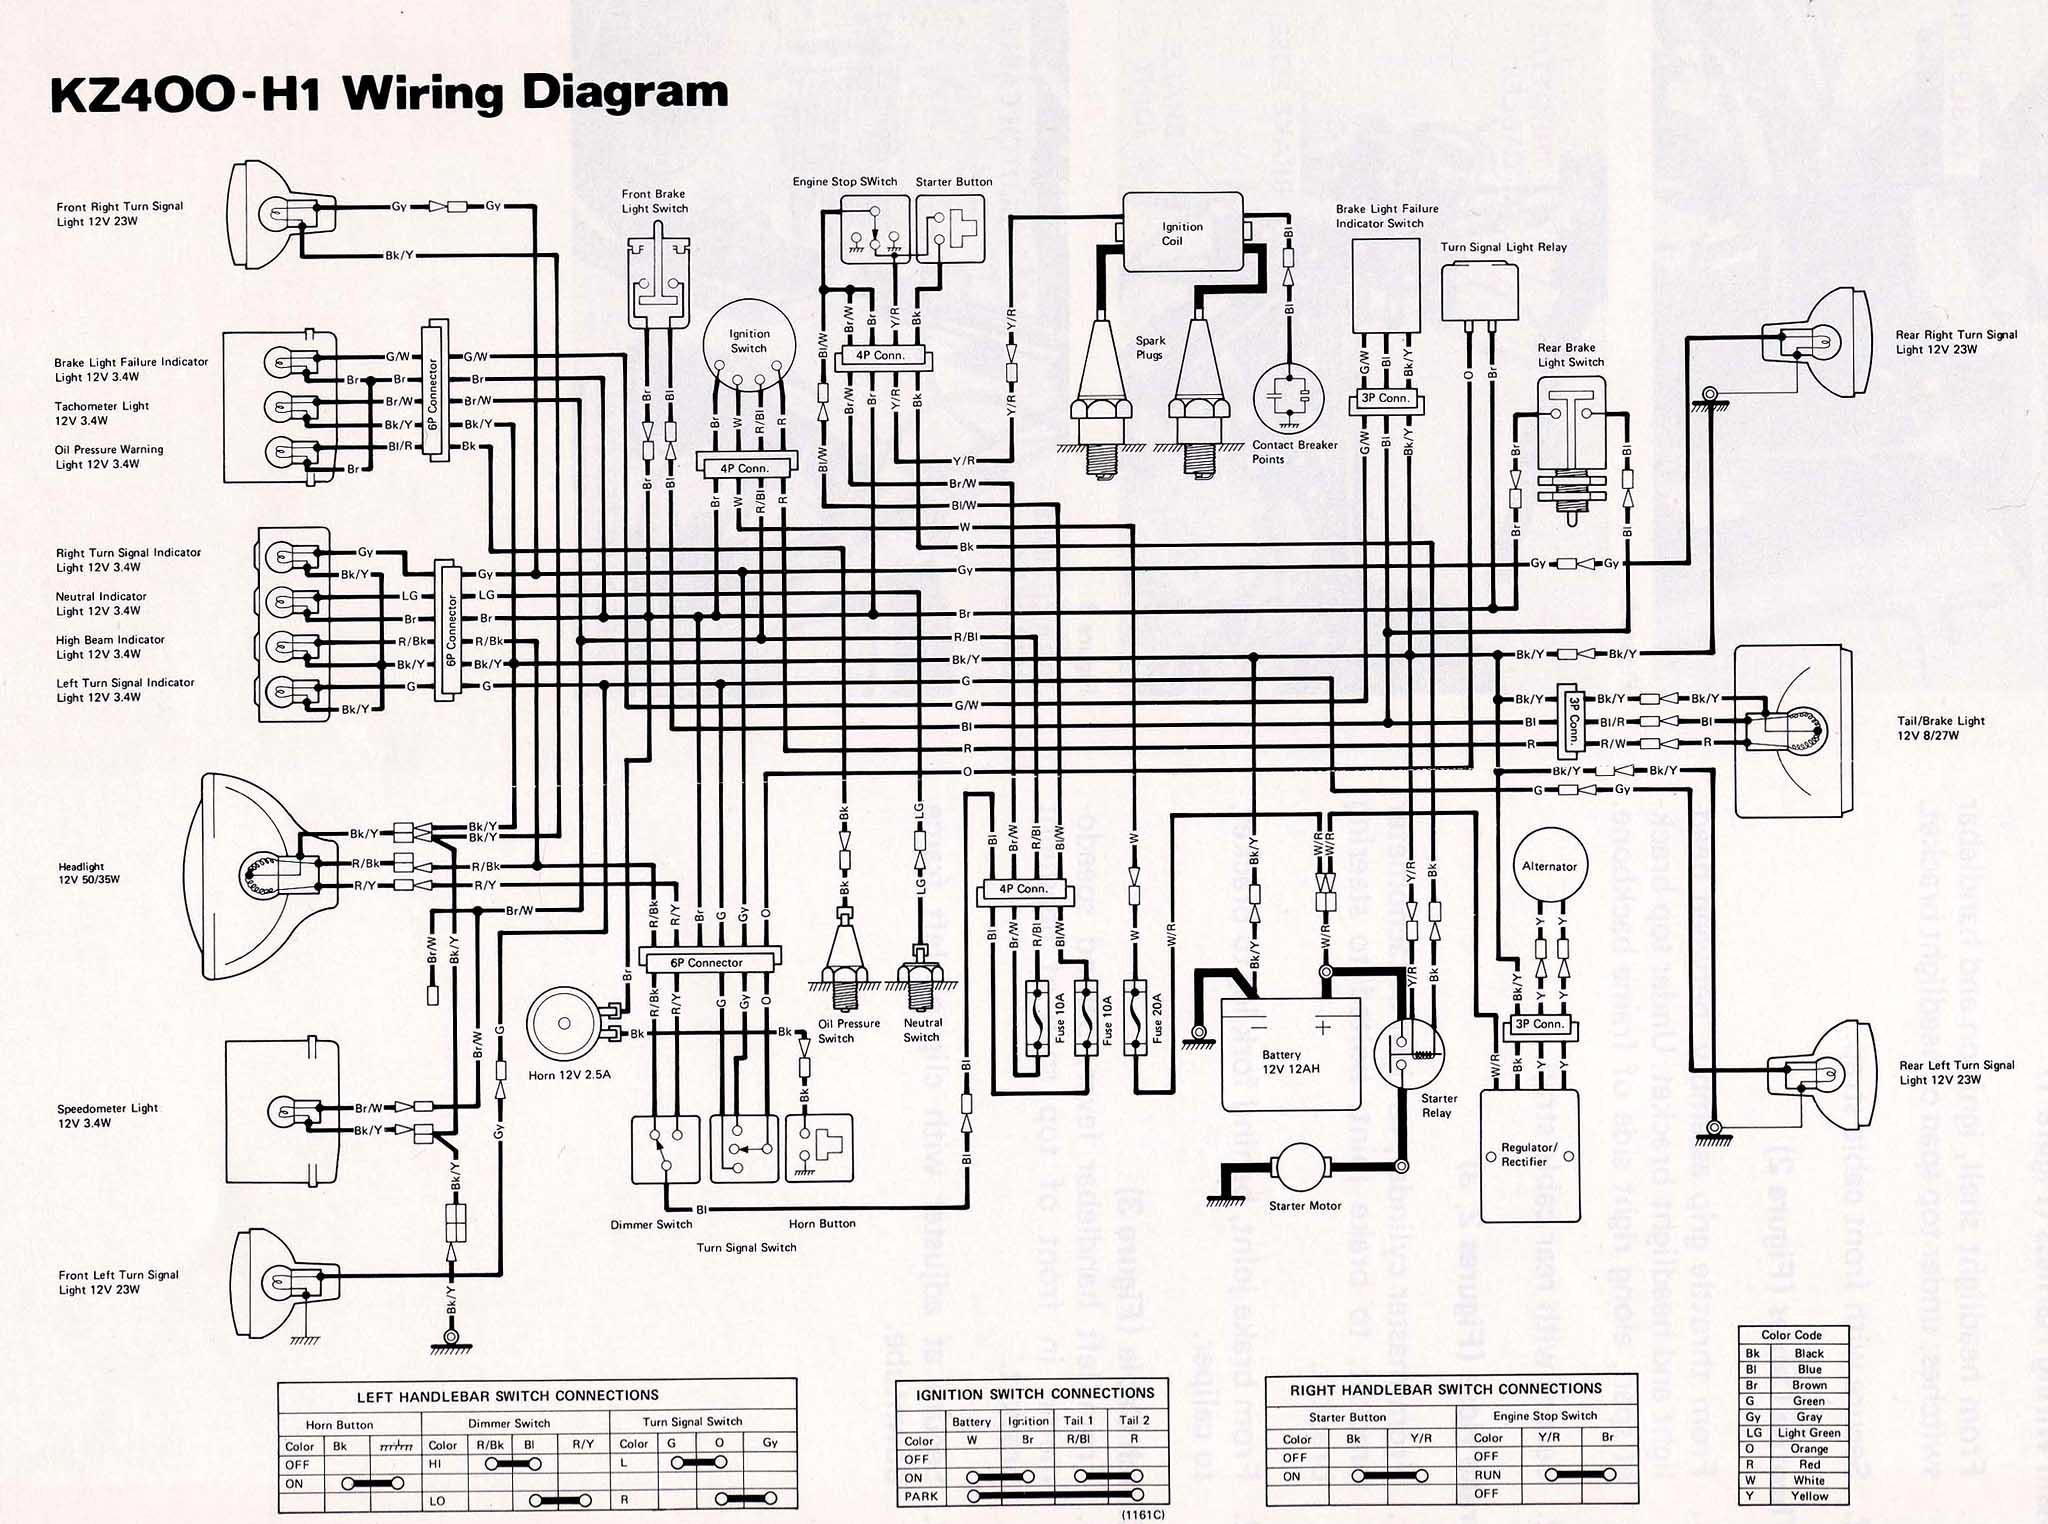 wire diagram 1979 kz400 wiring diagram schemawire diagram 1975 kz400 wiring diagram 1978 kz400 wiring diagram wiring diagram b7kz400 wiring diagram wiring